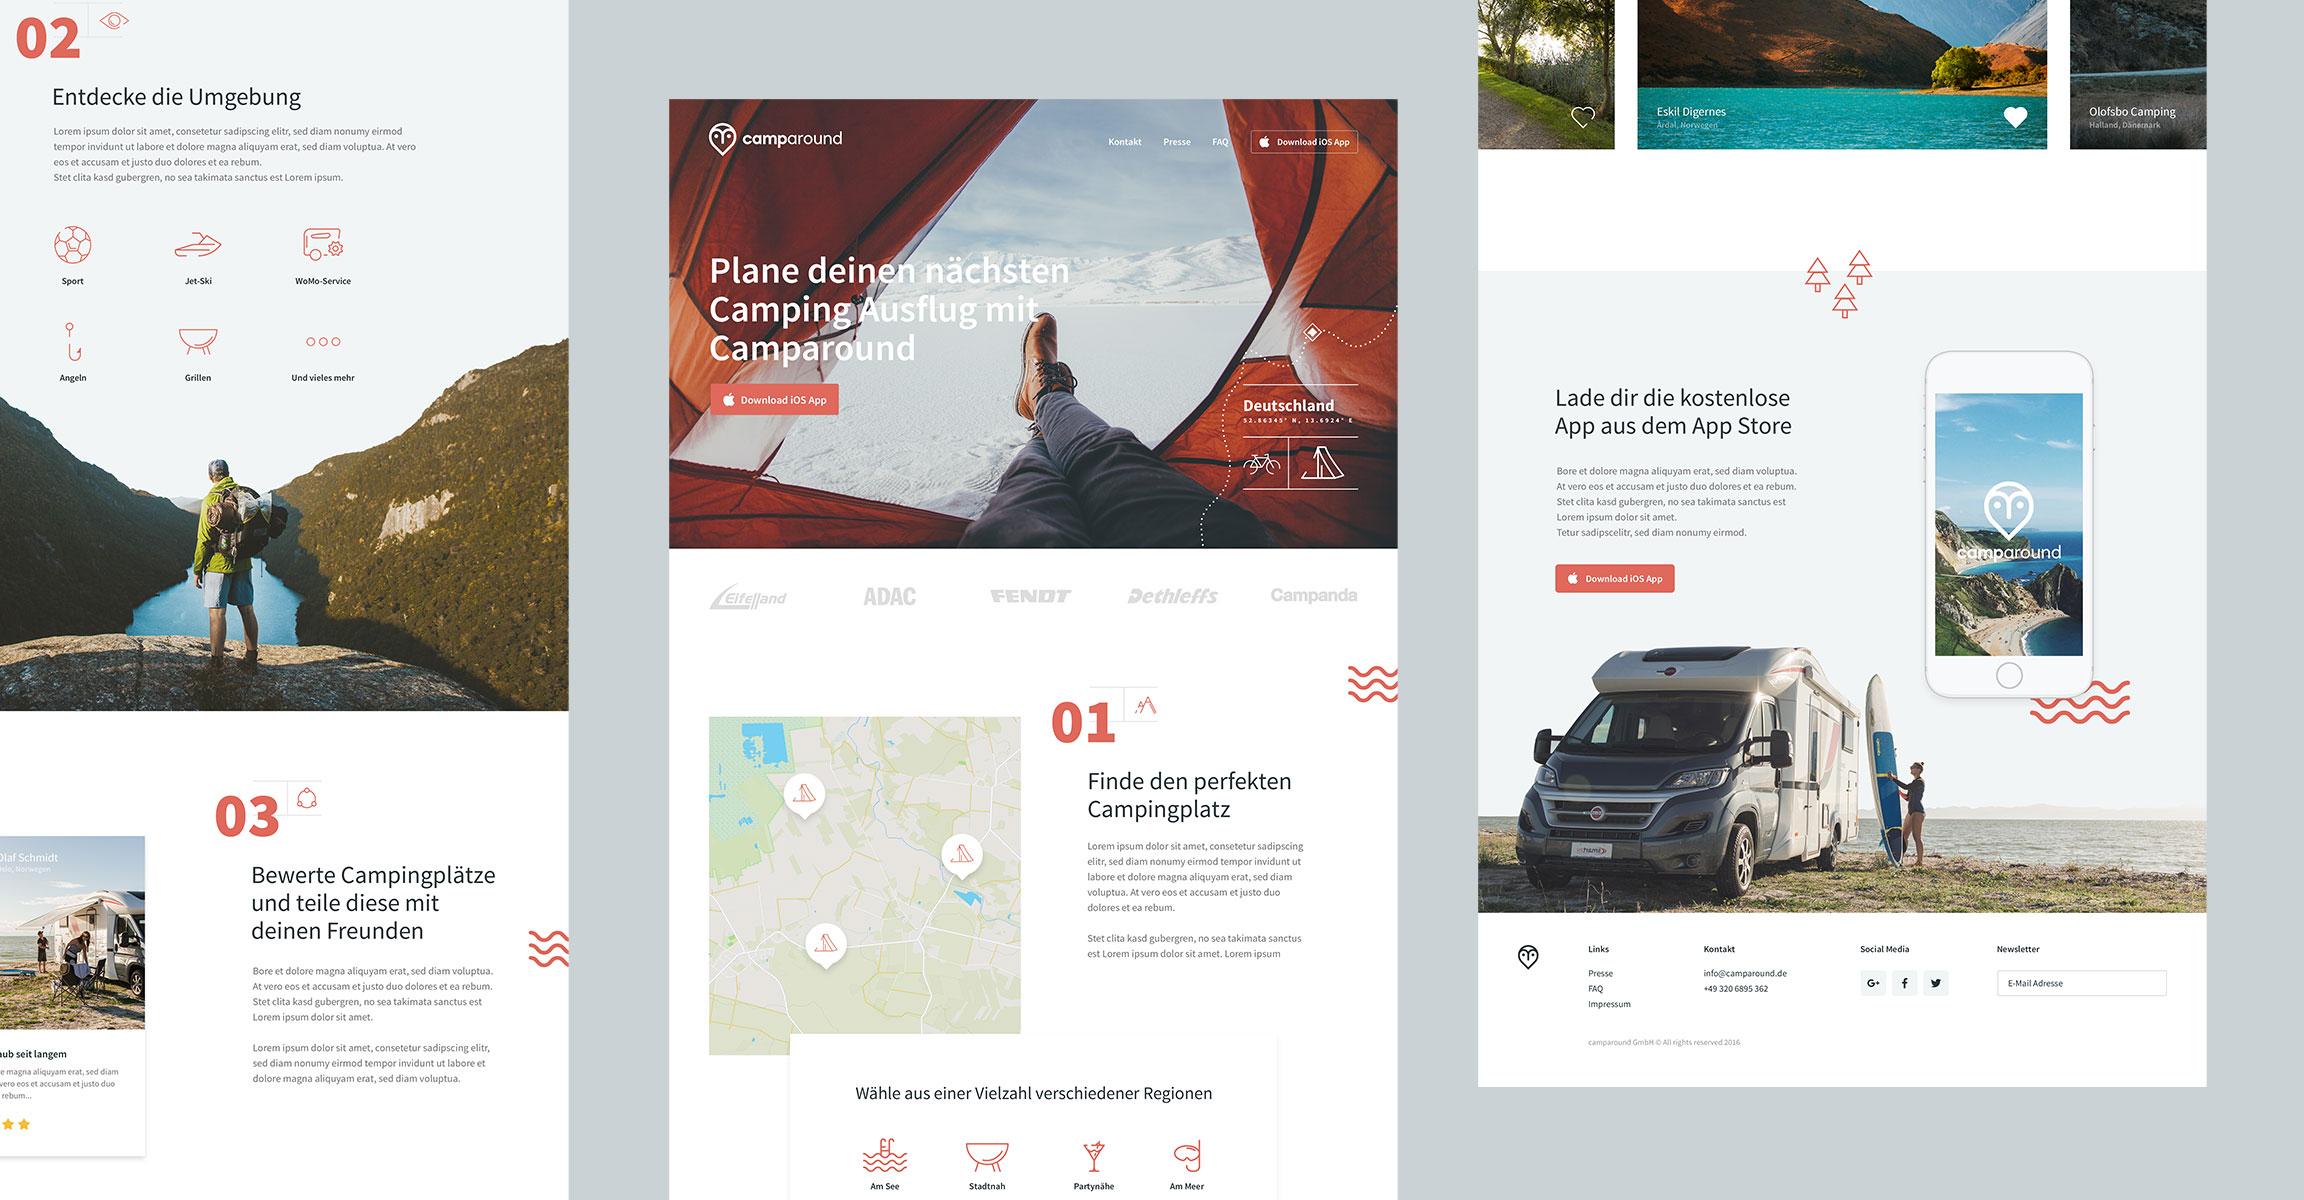 Camparound Referenz Slide 3 Webdesigner aus Schleswig-Holstein